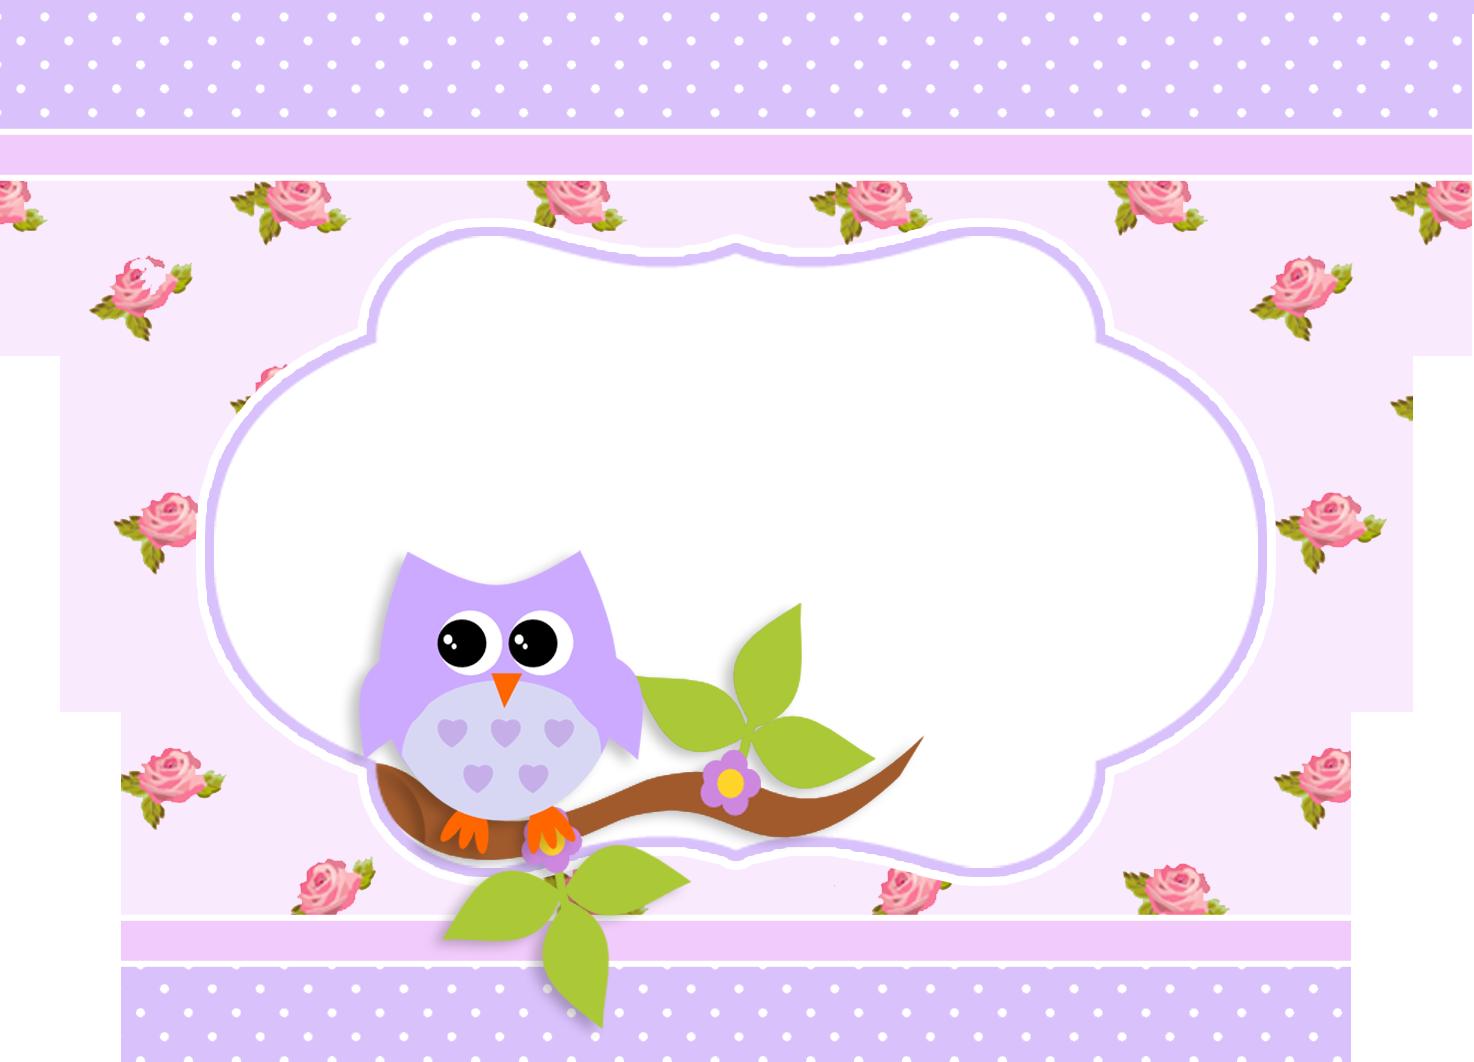 Montando a minha festa. Floral clipart owl